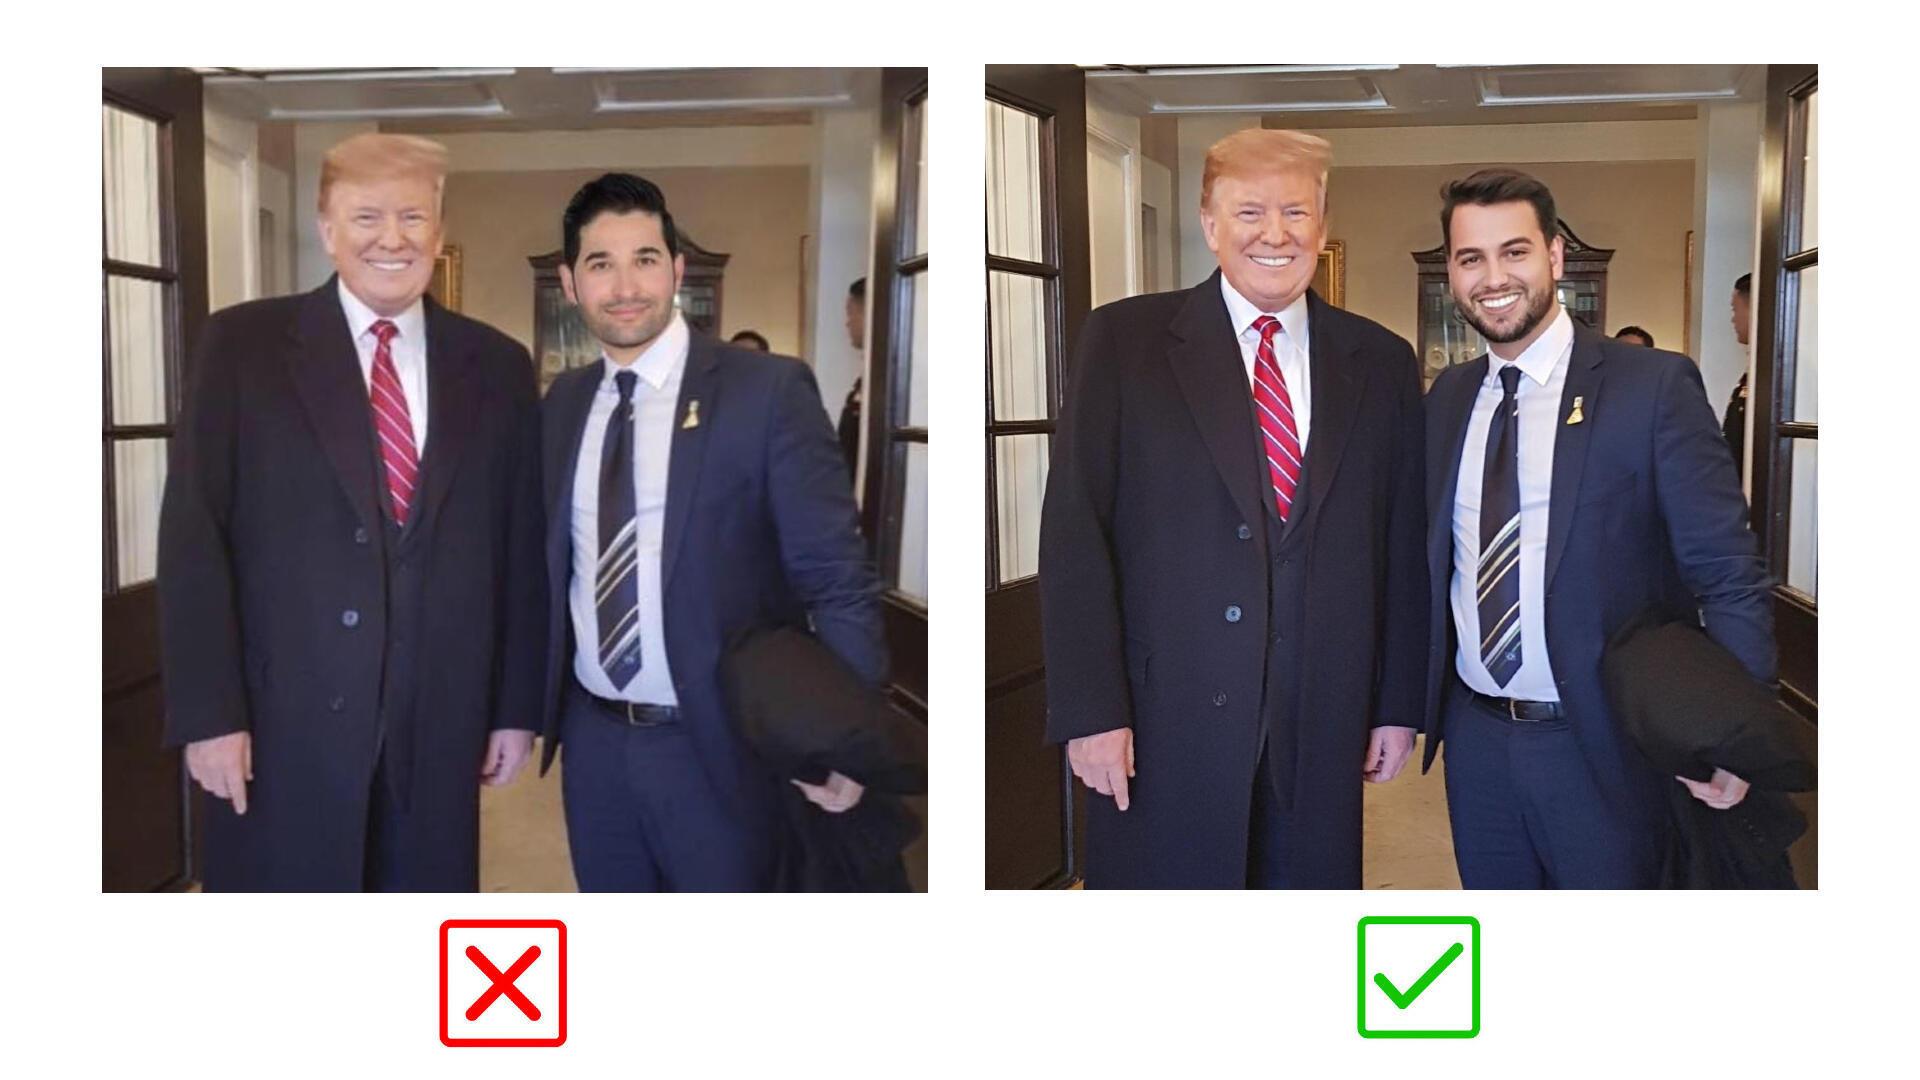 A gauche, montage photo partagé sur le compte Facebook de Rob Petrosian. A droite, photo originale partagée sur le compte Twitter de Filipe G. Martins.